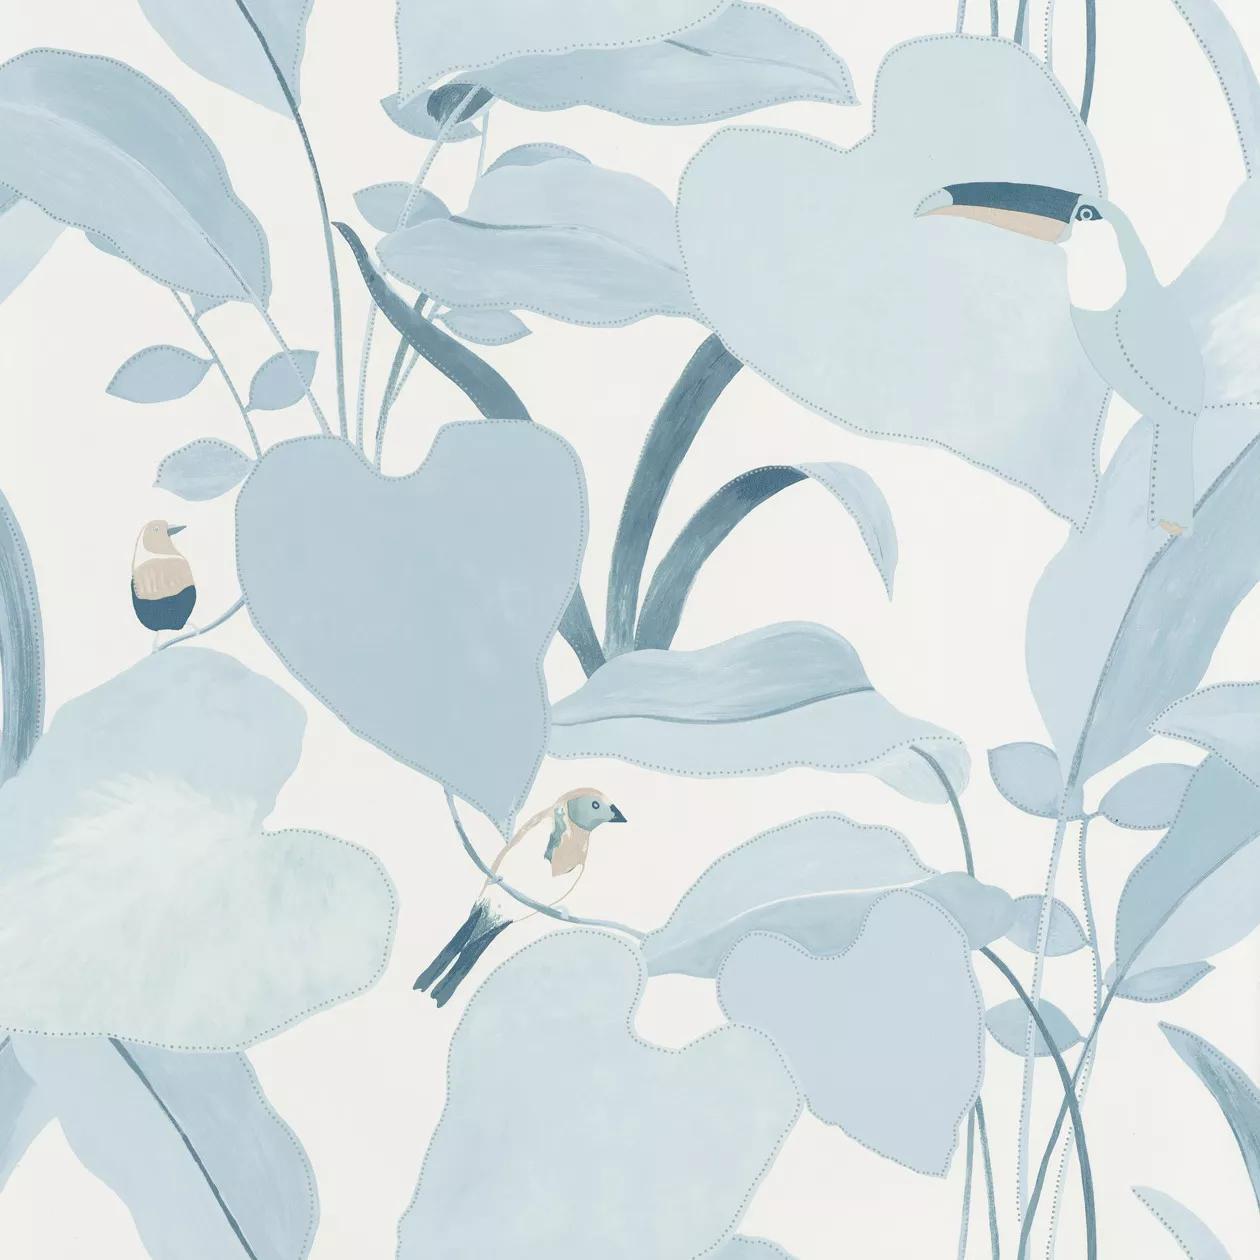 Fehér pasztell kék trópusi levél és tukán madár mintás vlies design tapéta